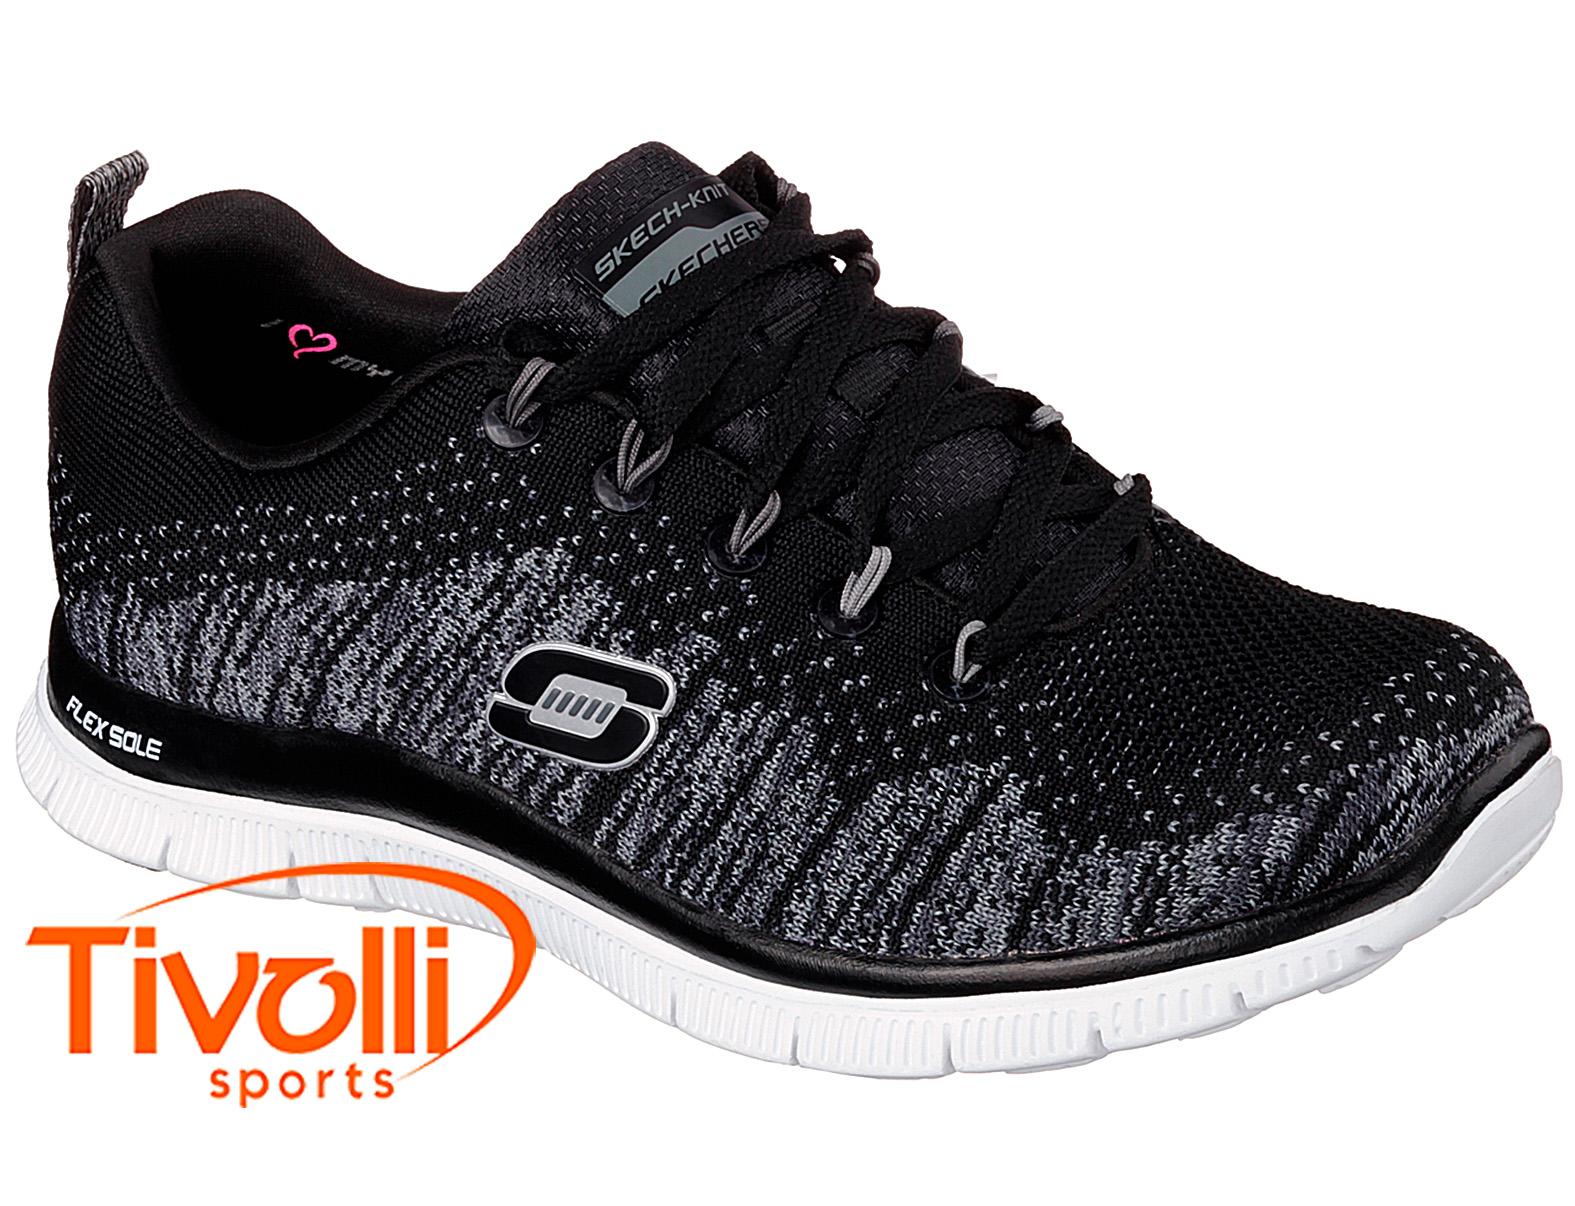 5796d31e091 Tênis Skechers Flex Appeal   feminino preto e branco